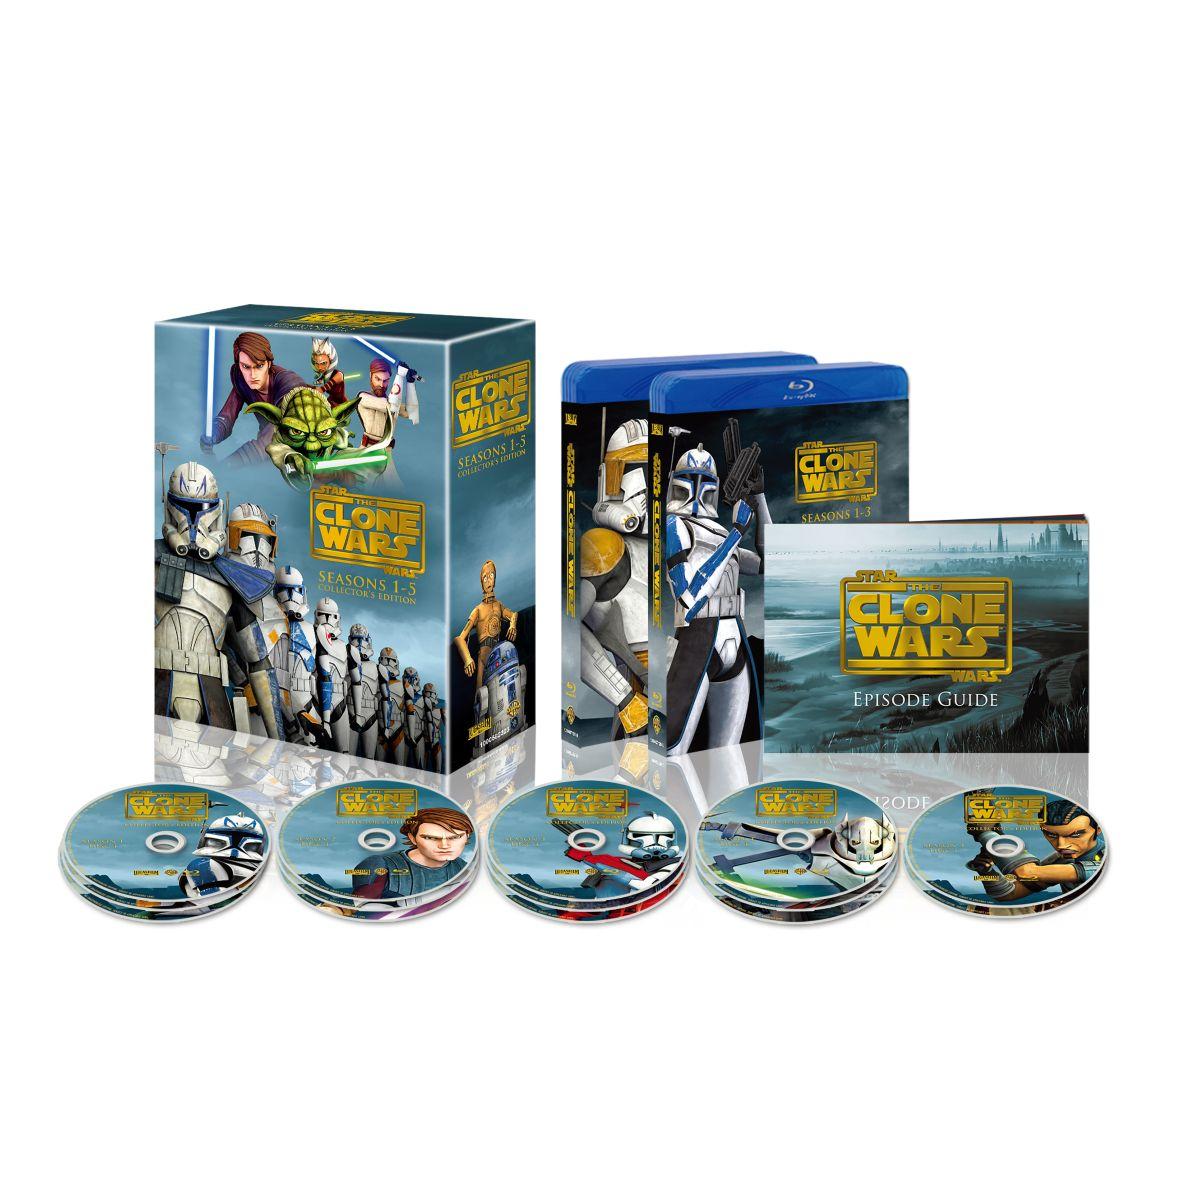 スター・ウォーズ:クローン・ウォーズ シーズン1-5 コンプリート・セット【Blu-ray】 [ マット・ランター ]